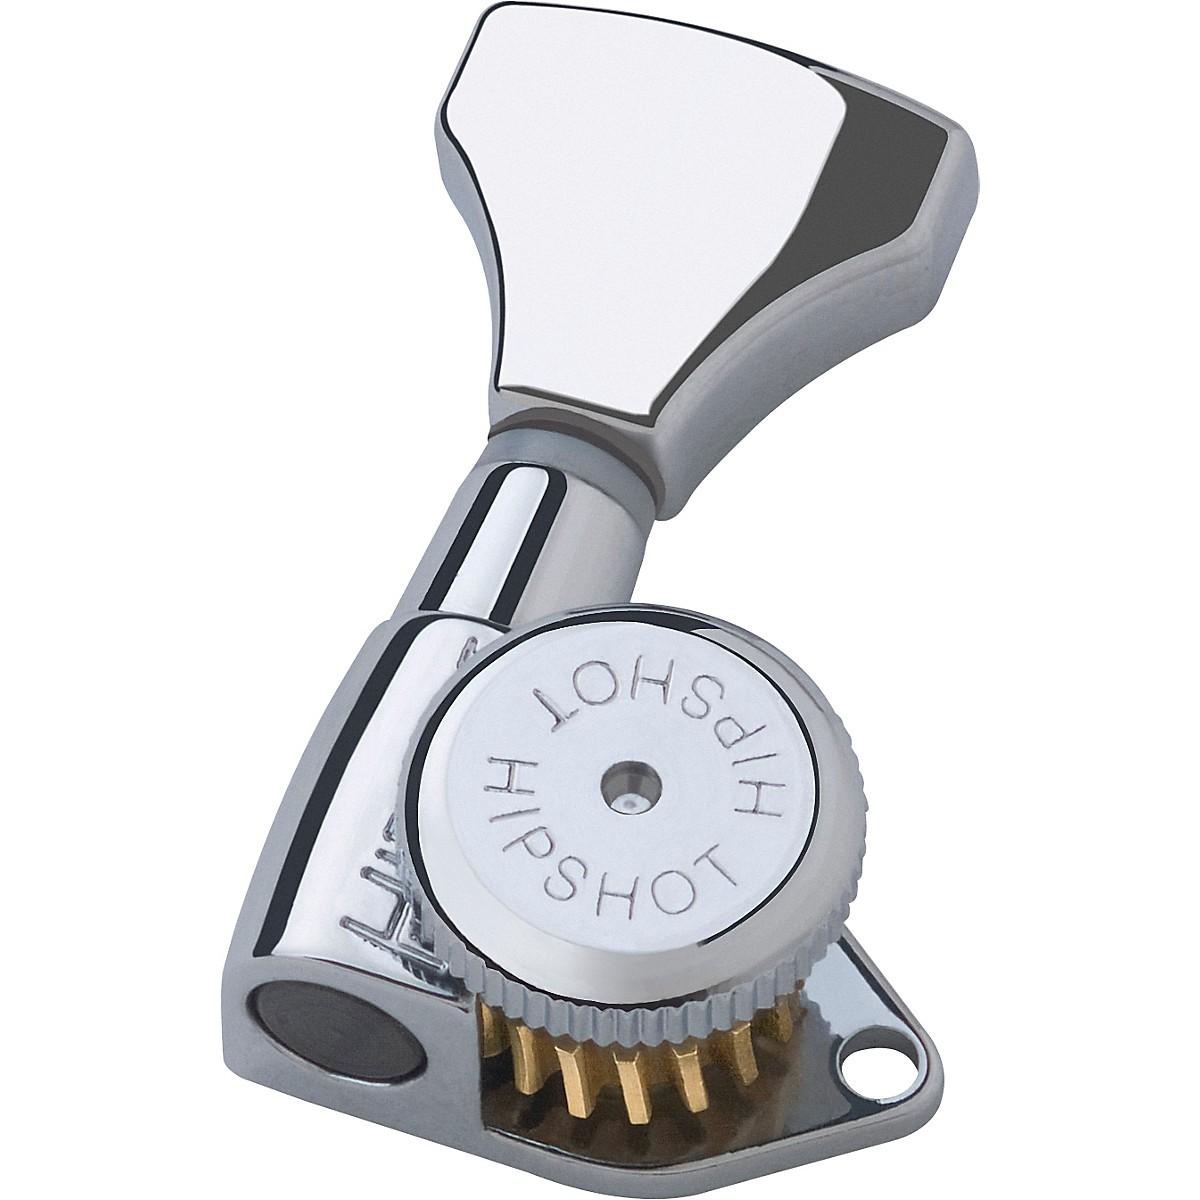 Hipshot 6GLO Grip Lock Standard Locking Guitar Tuning Machine Set